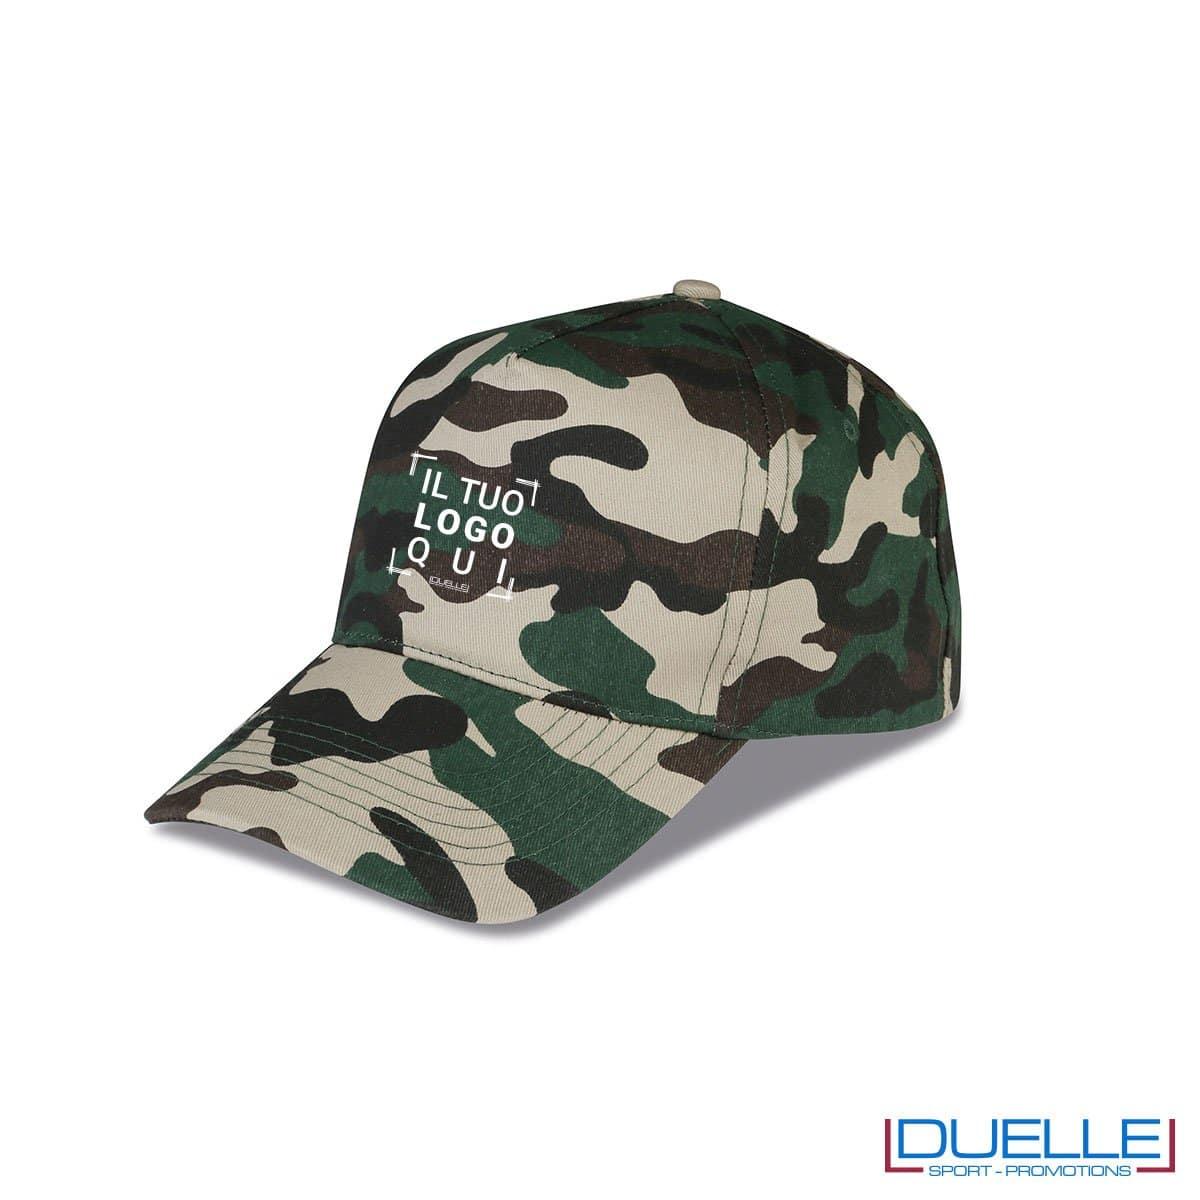 cappellino personalizzato in colore camouflage bosco